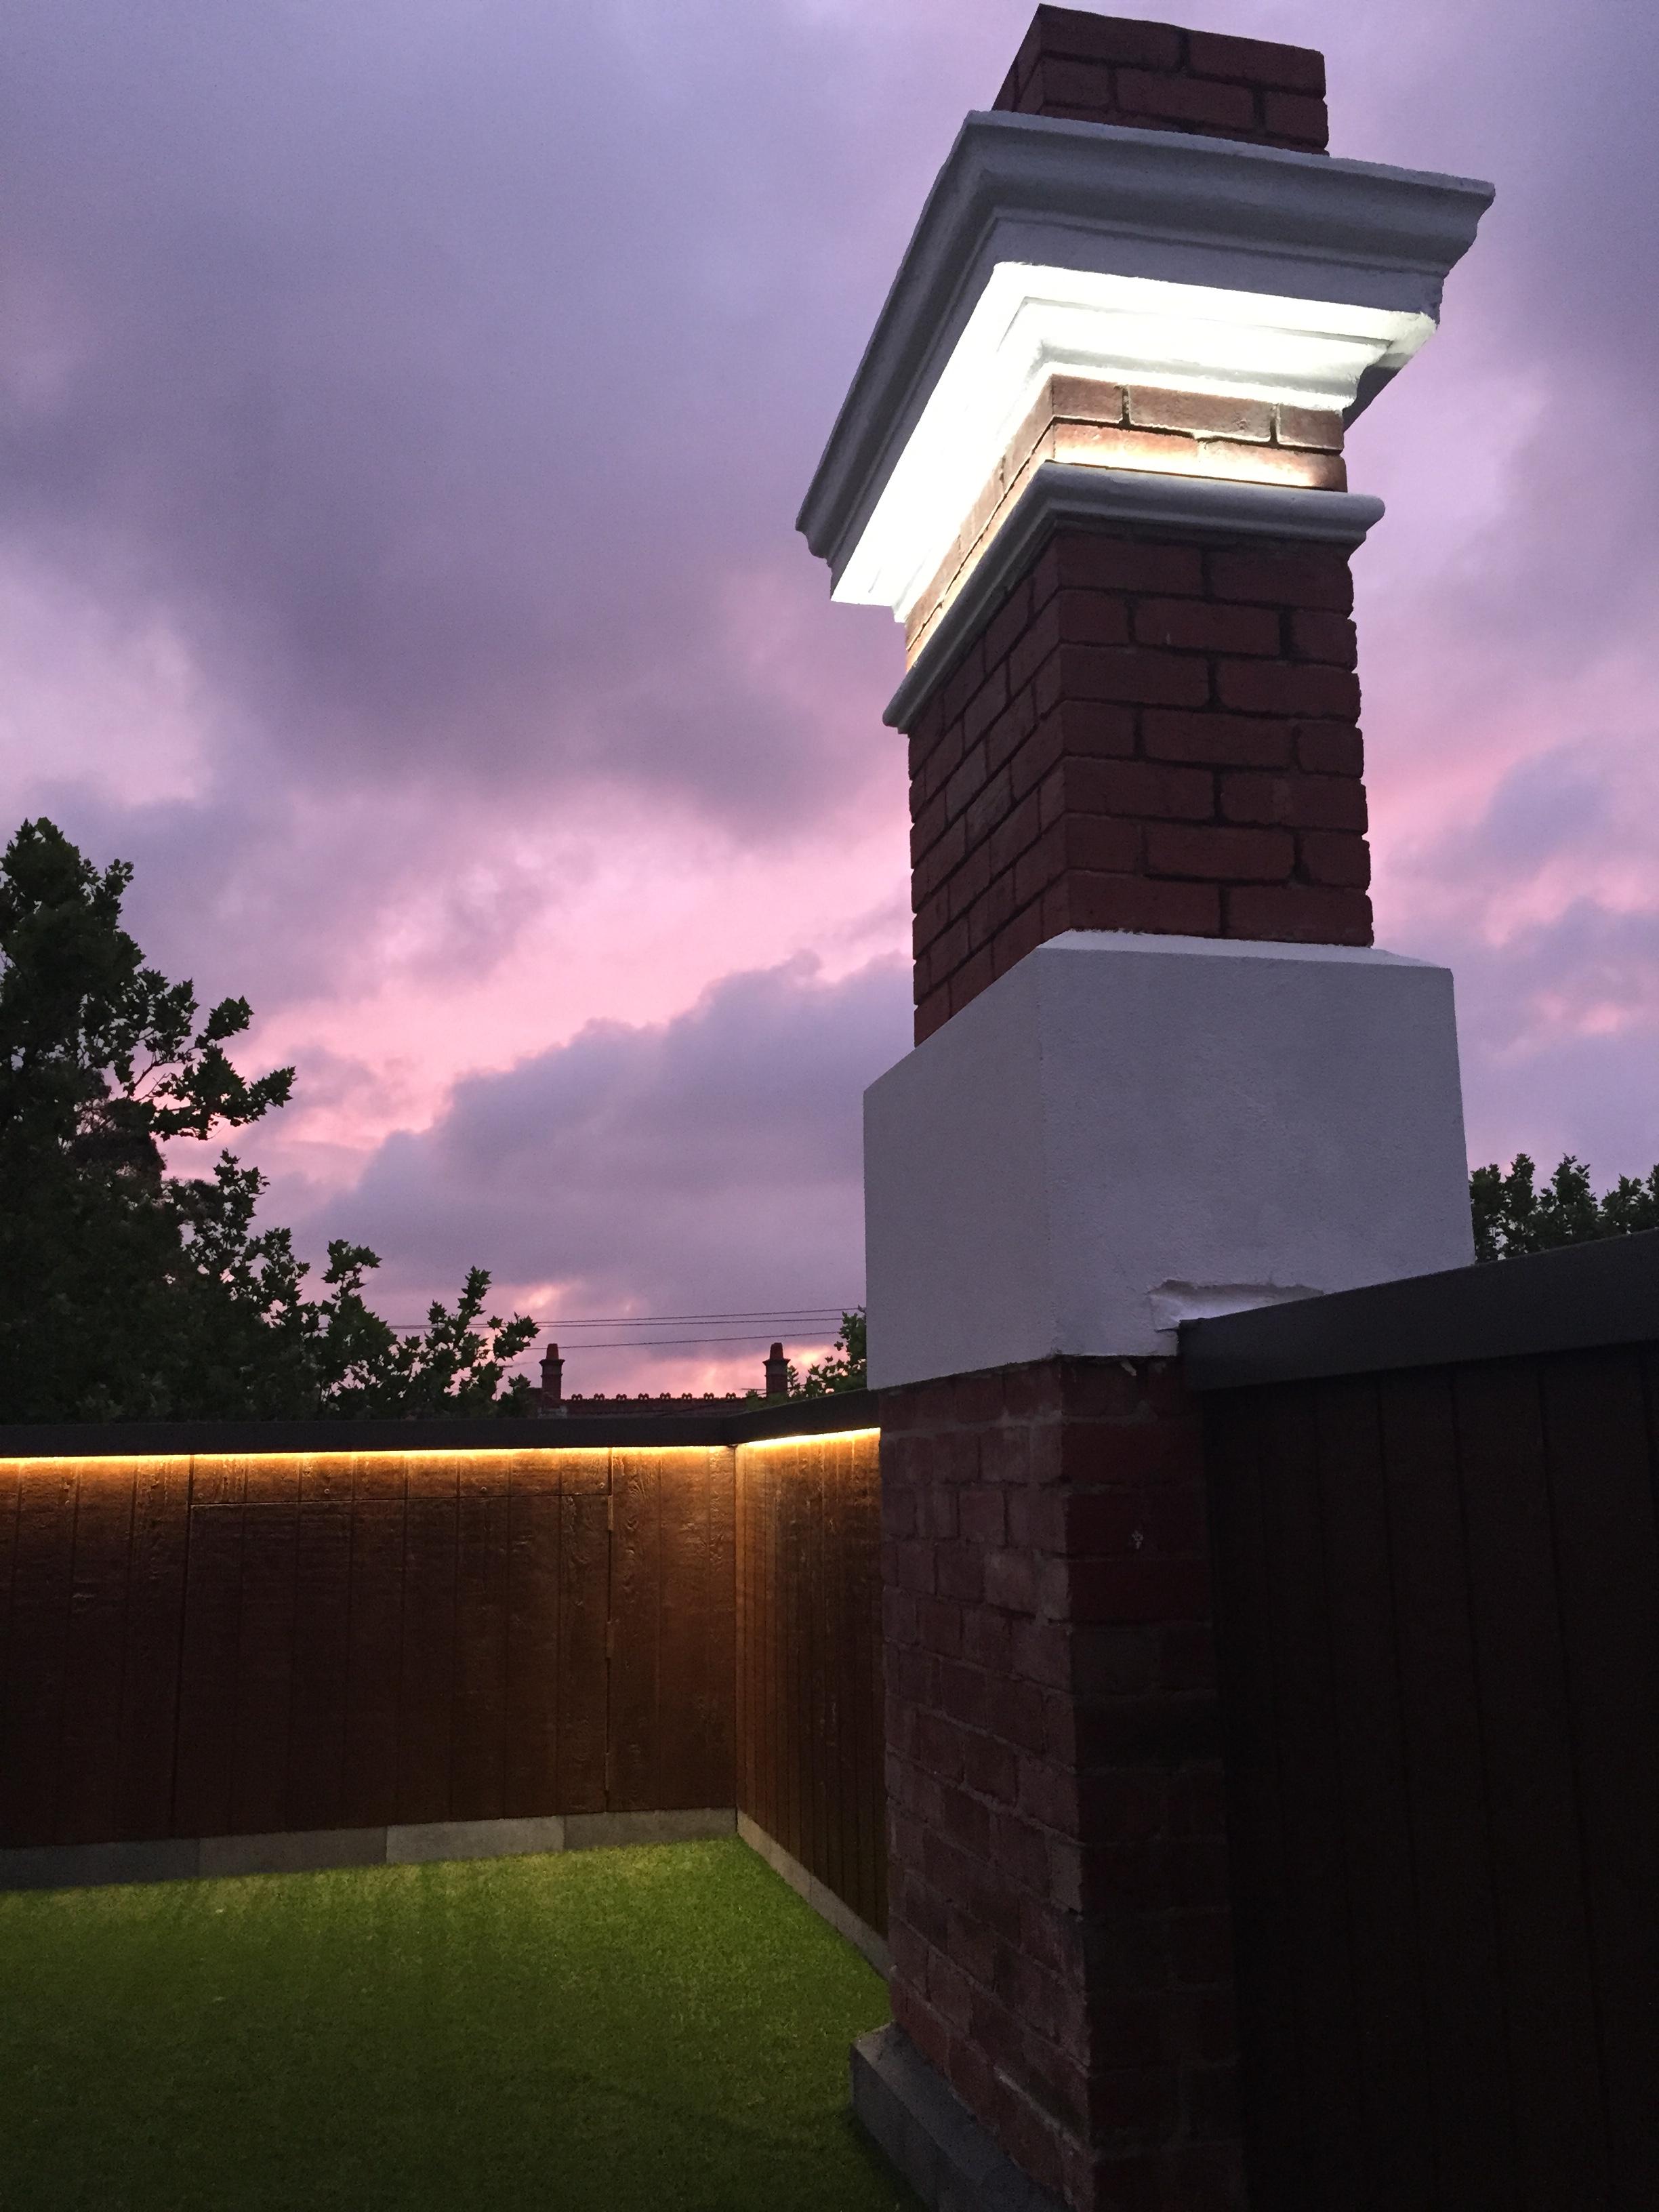 Copy of MINT Lighting Design - Melbourne Home